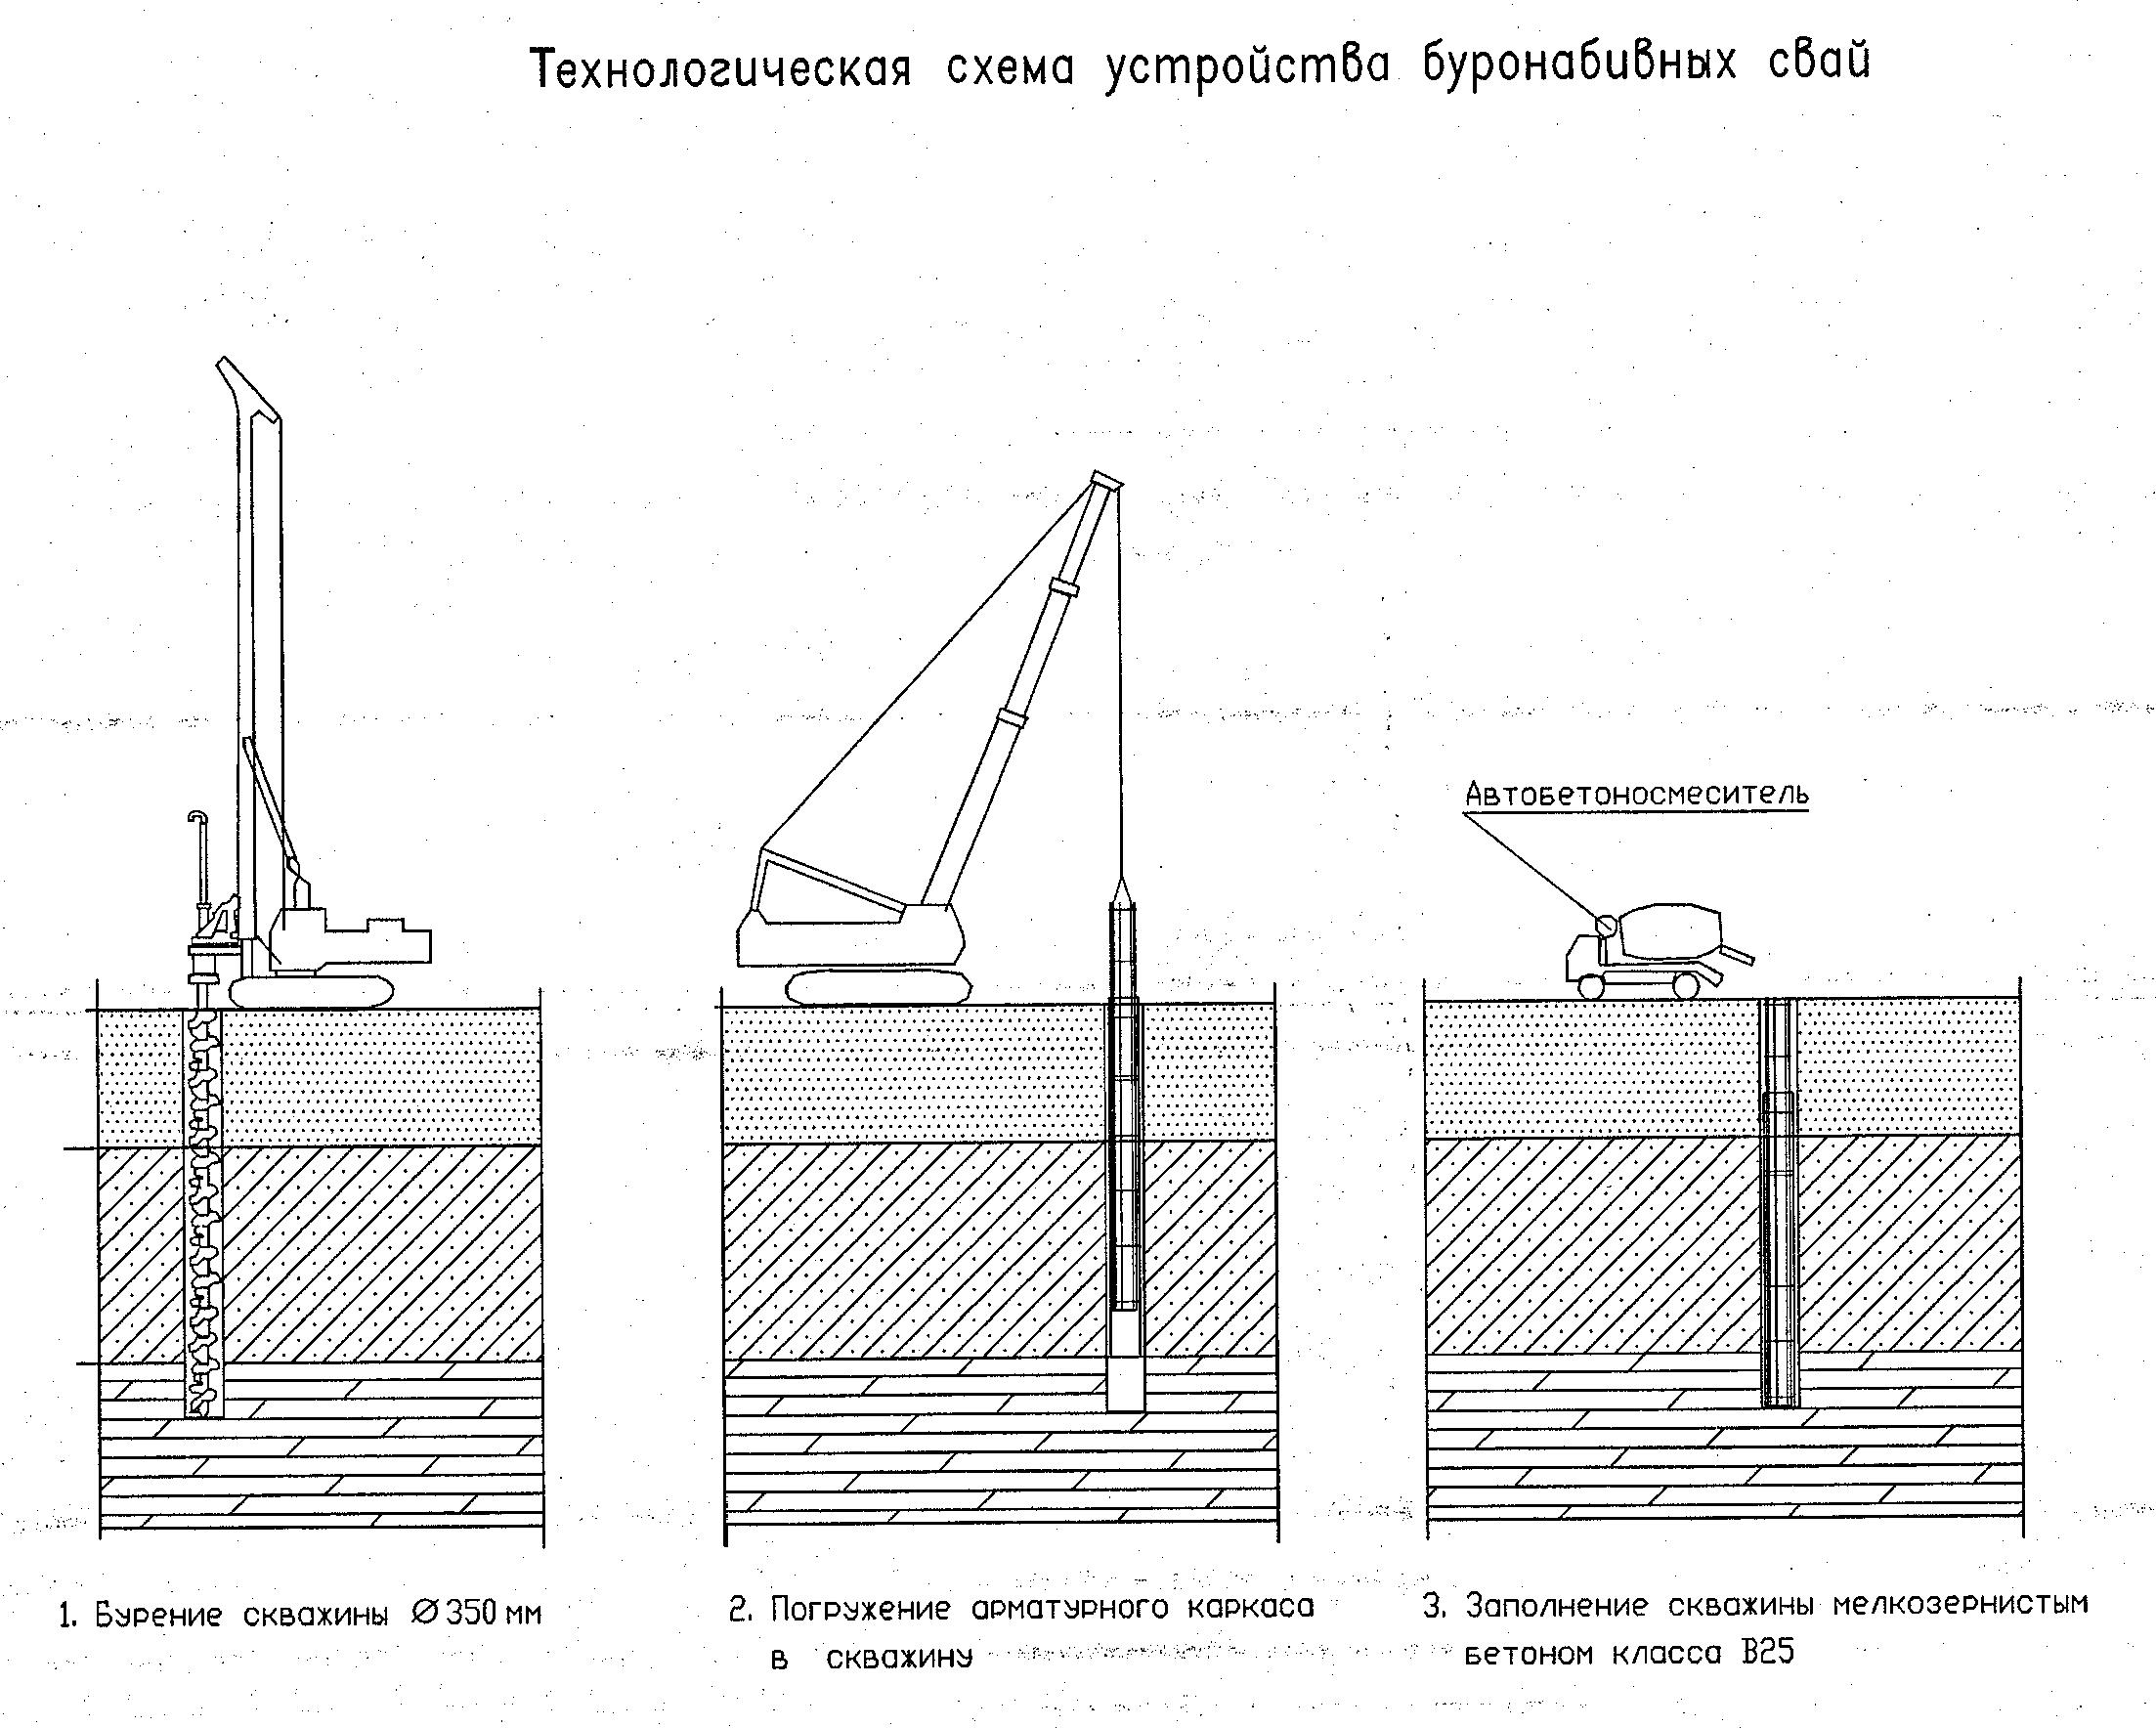 Водитель Новосибирске, порядок производства работ статическое испытание свай разделе